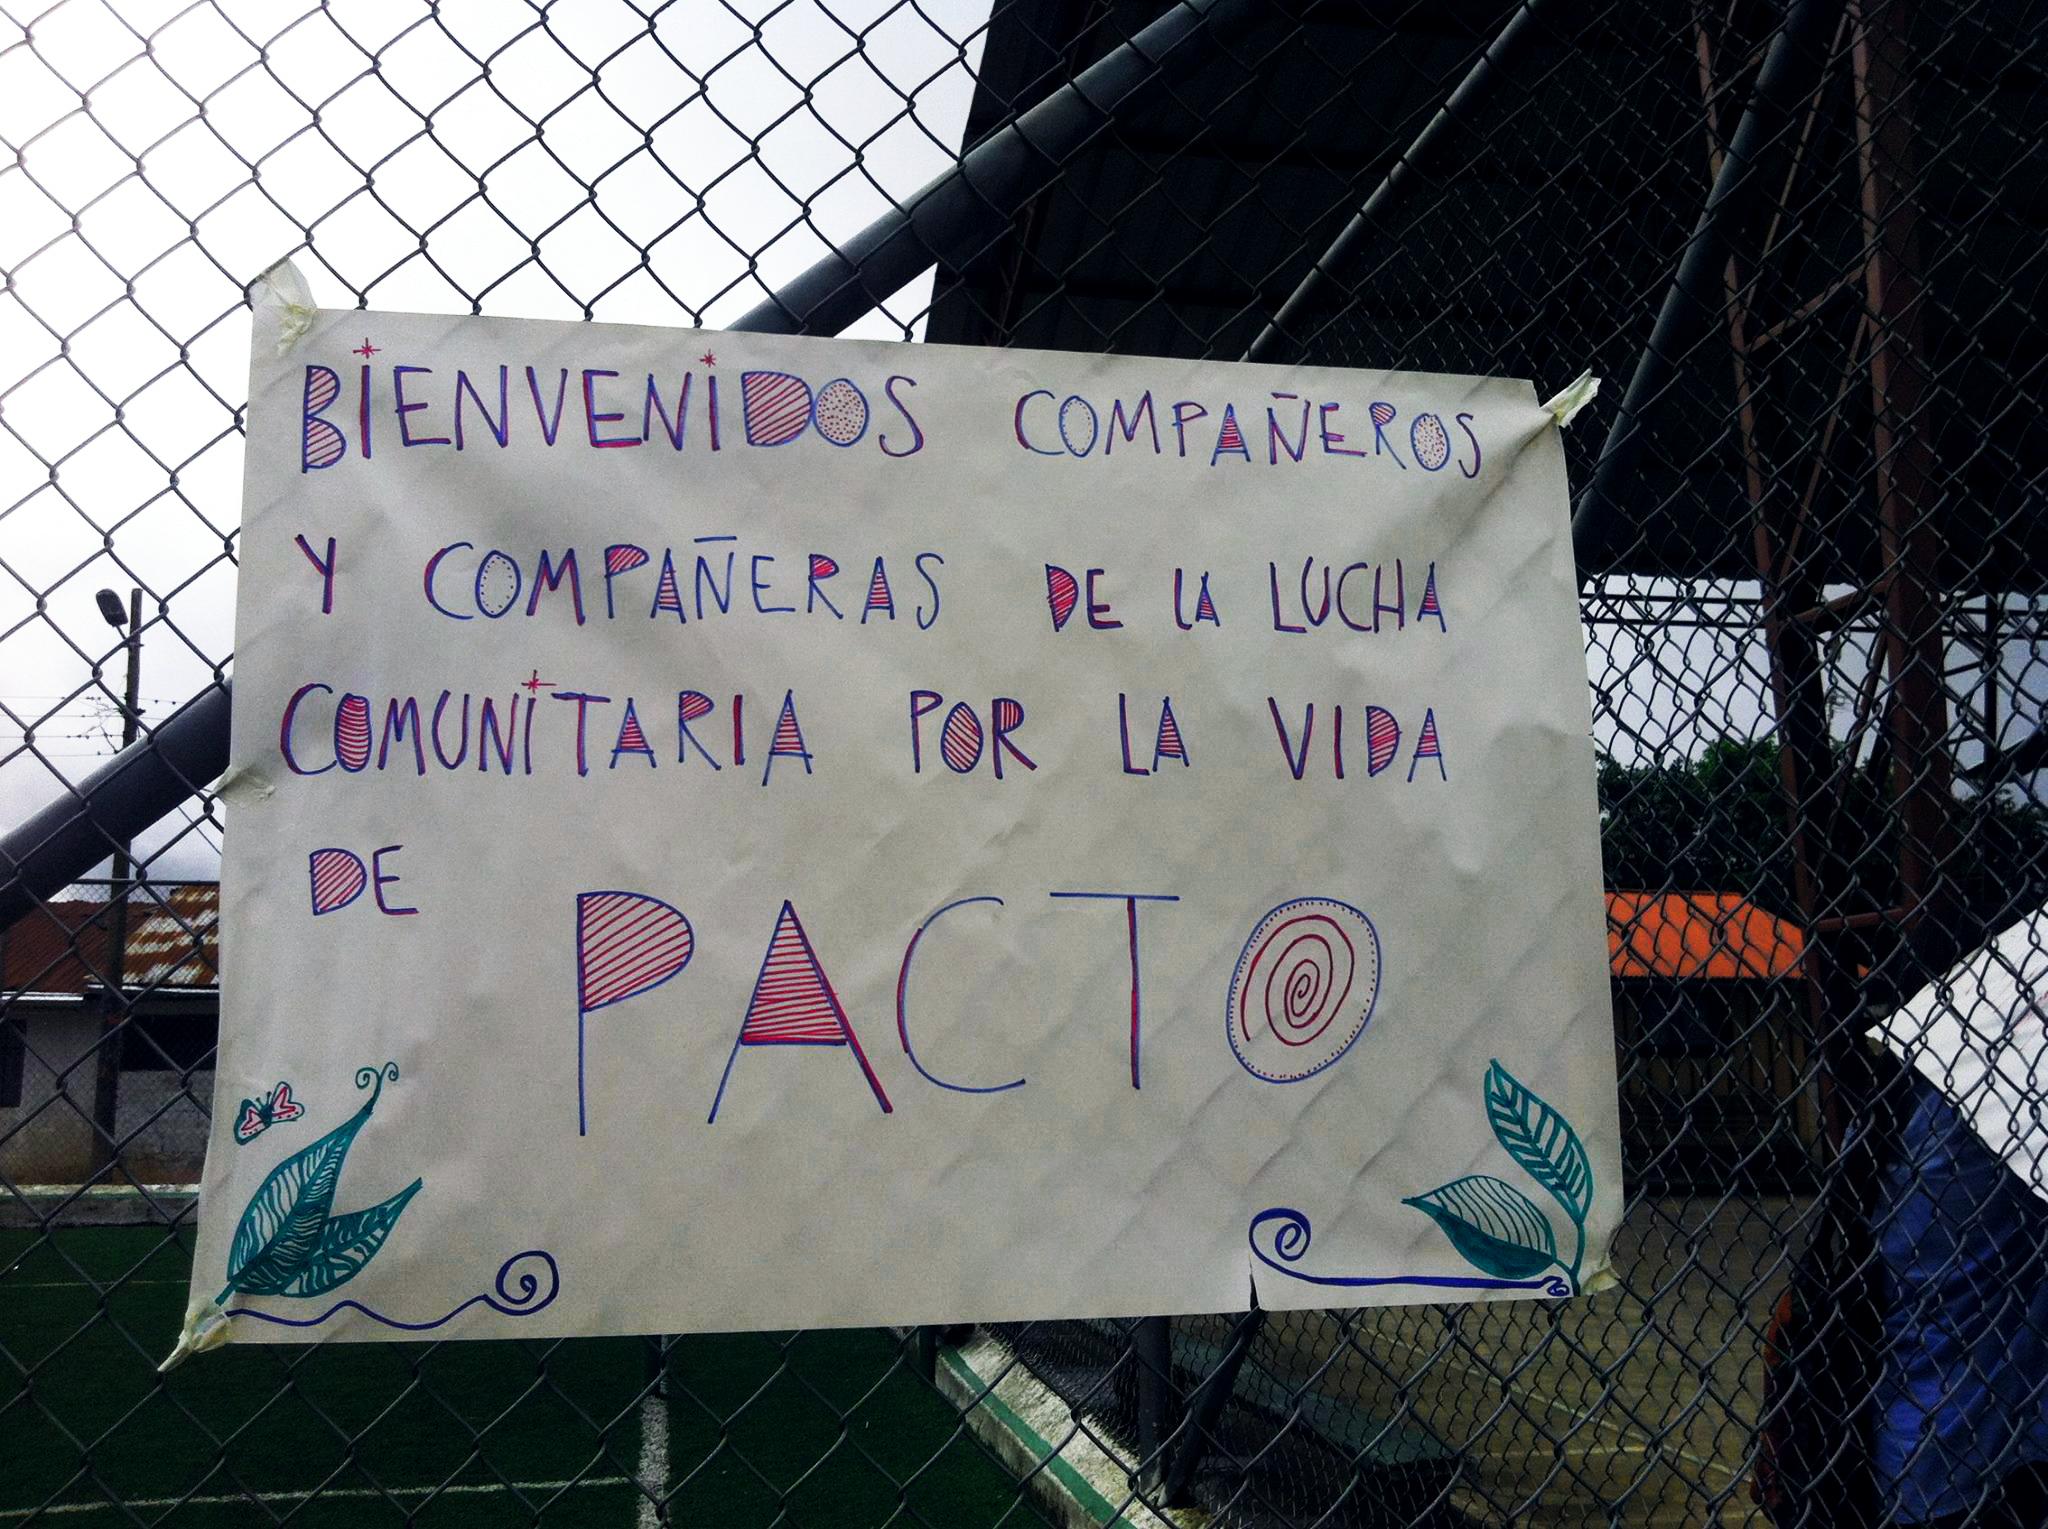 Consulta Comunitaria en Pacto busca preservar la vida